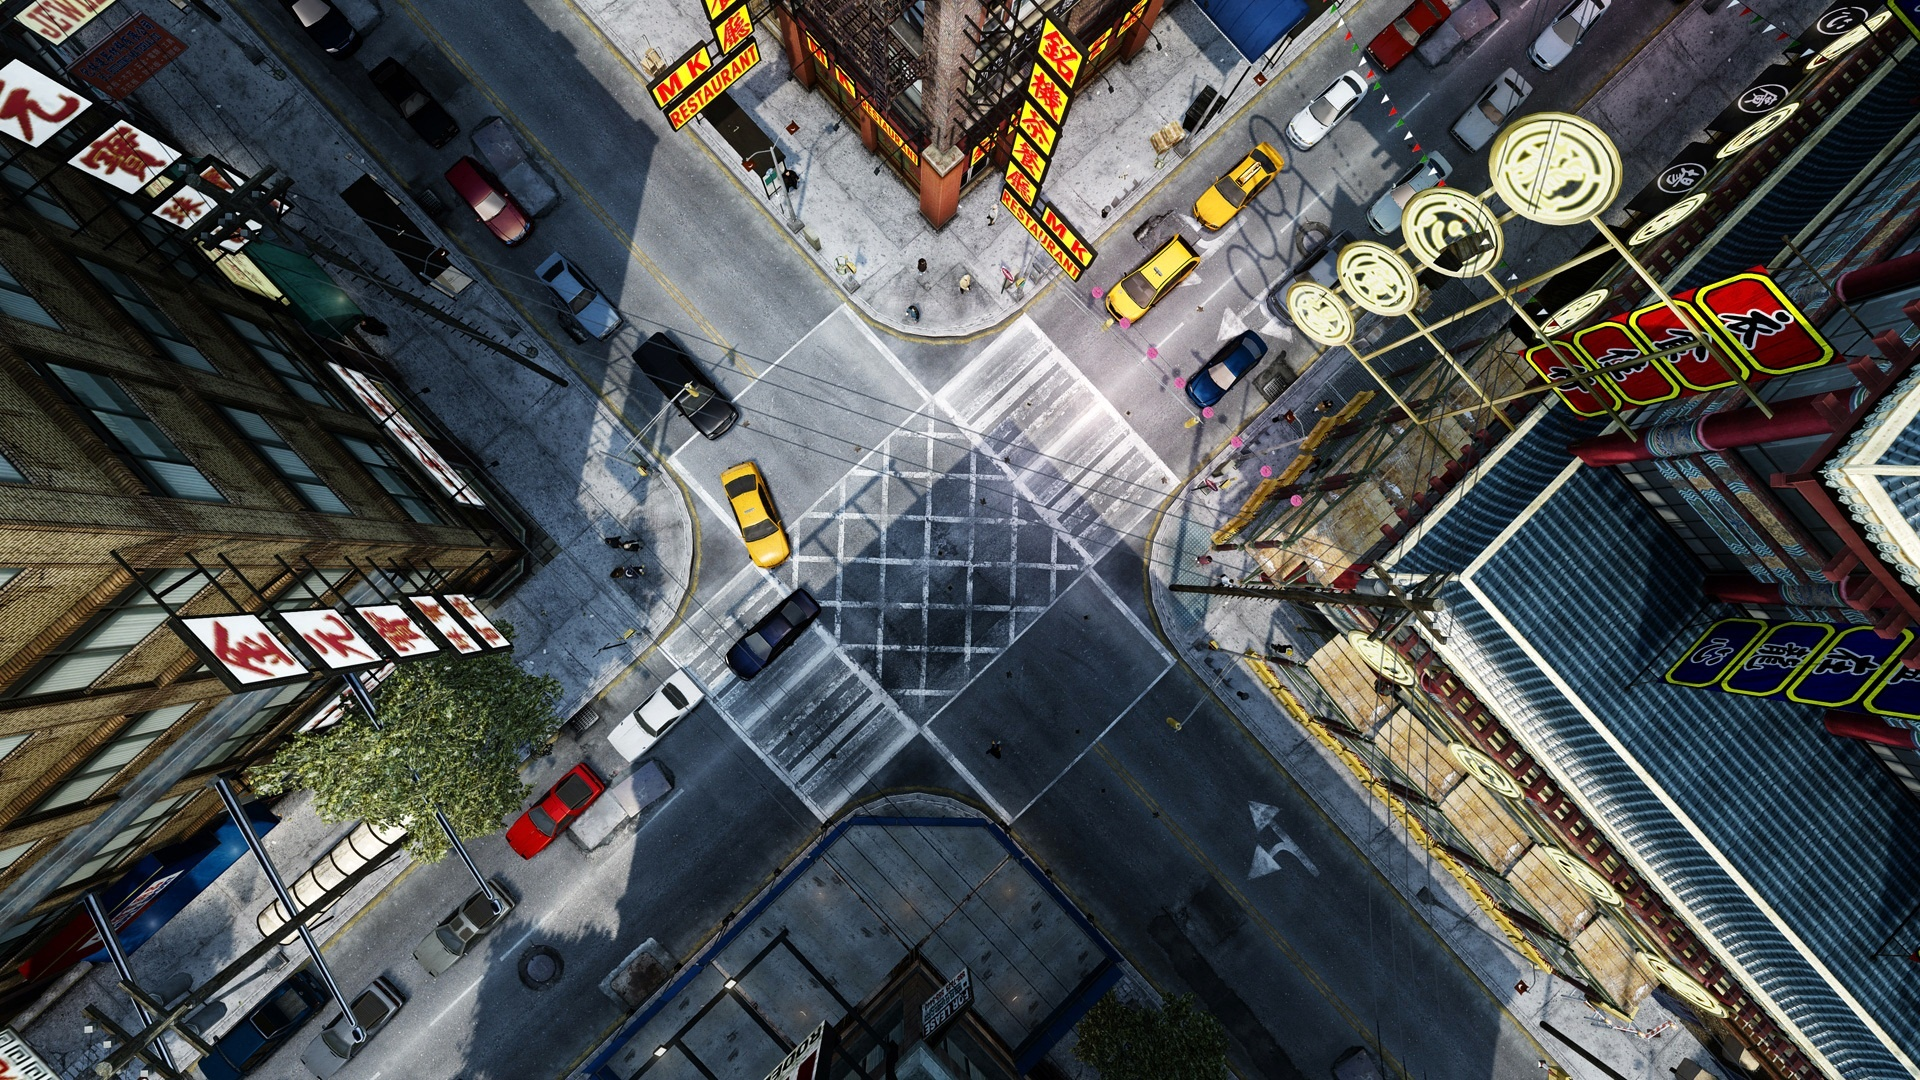 gta 5 city 3d model download